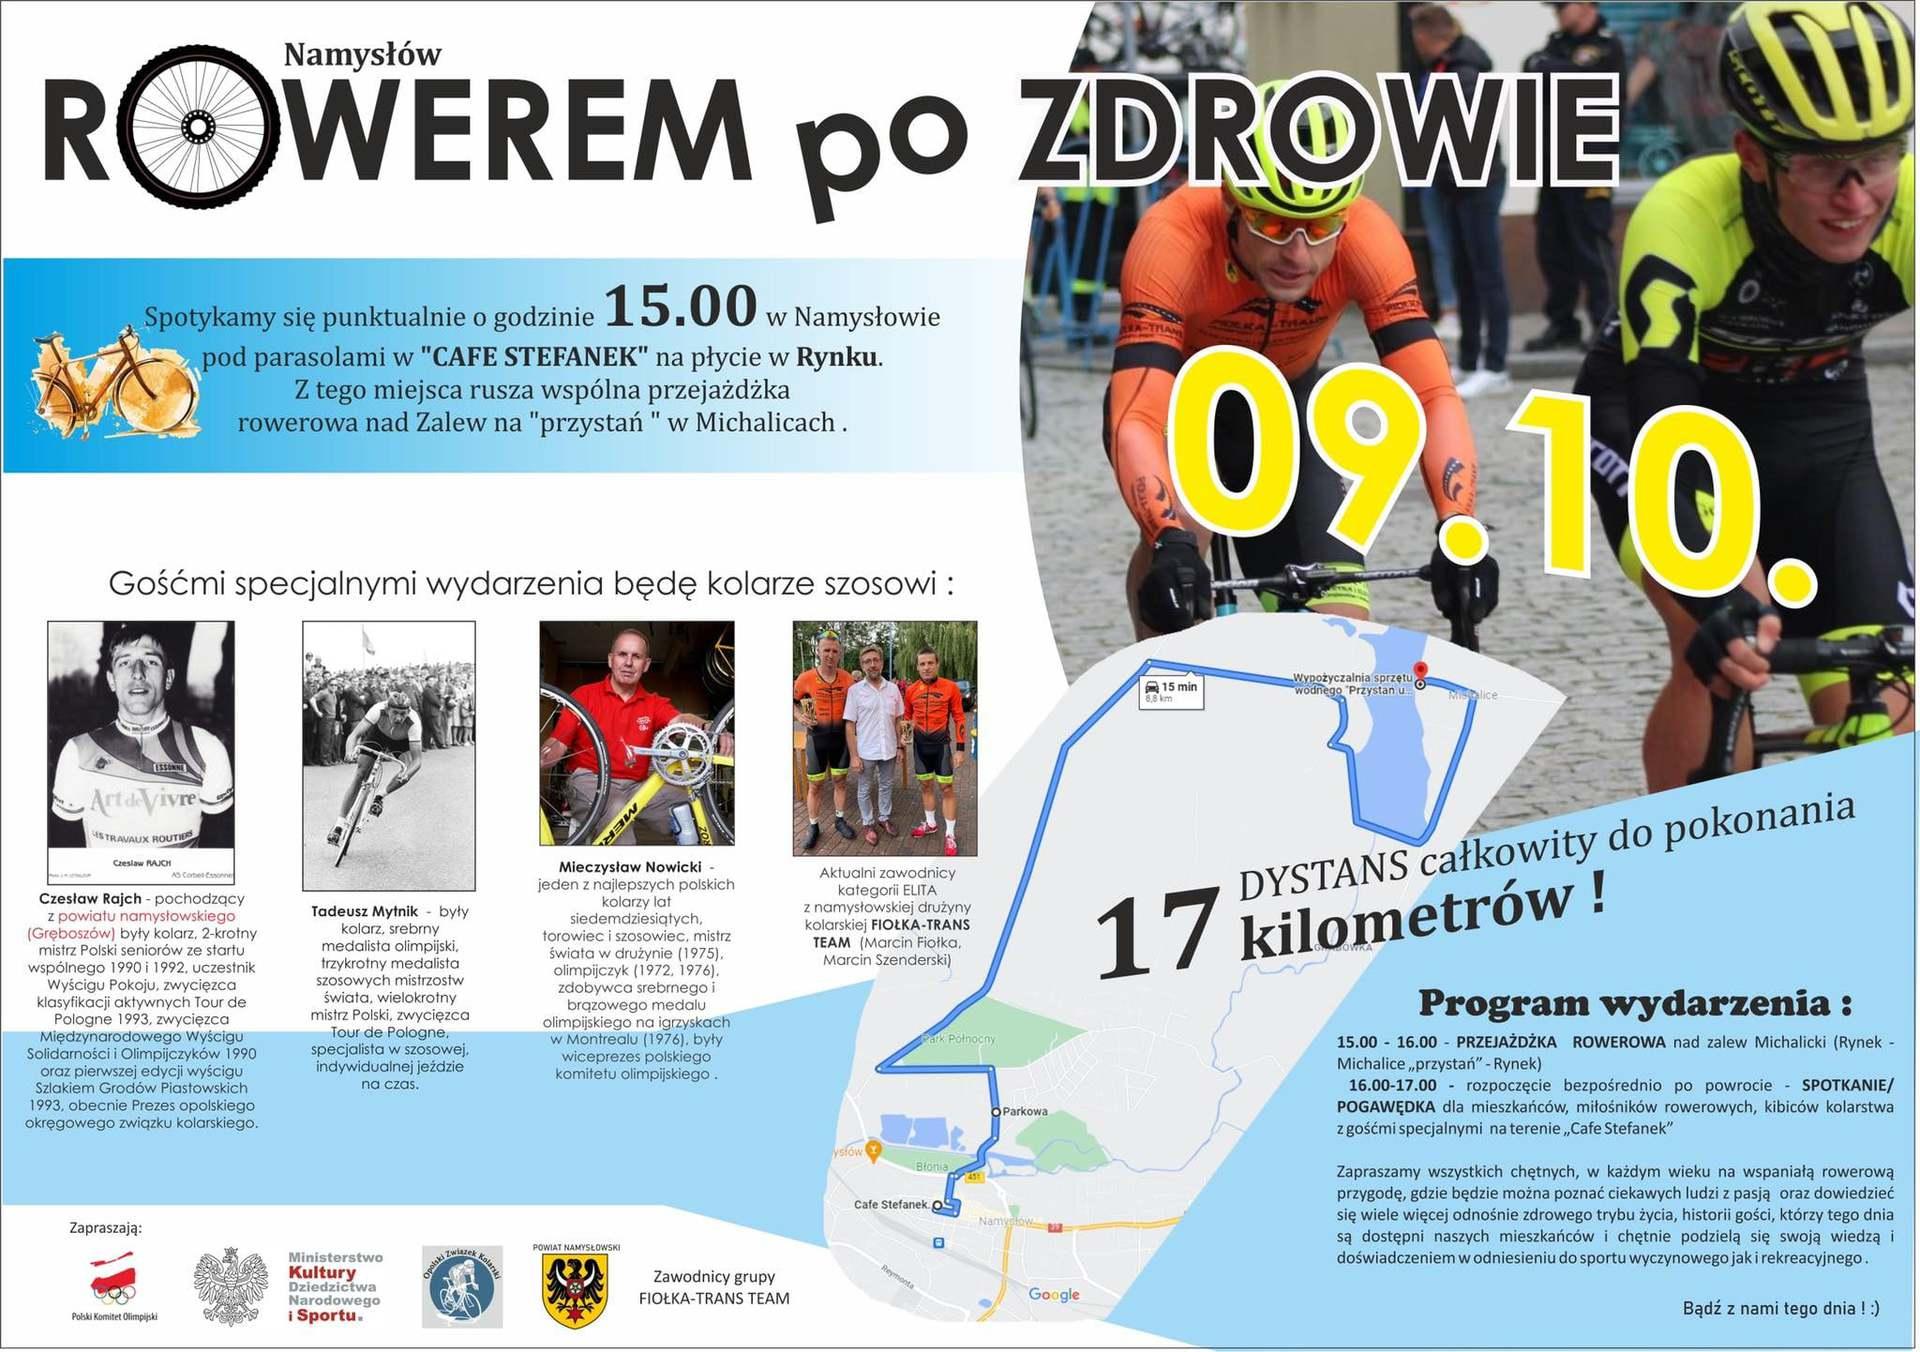 Plakat Rowerem po zdrowie Namysłow.jpeg